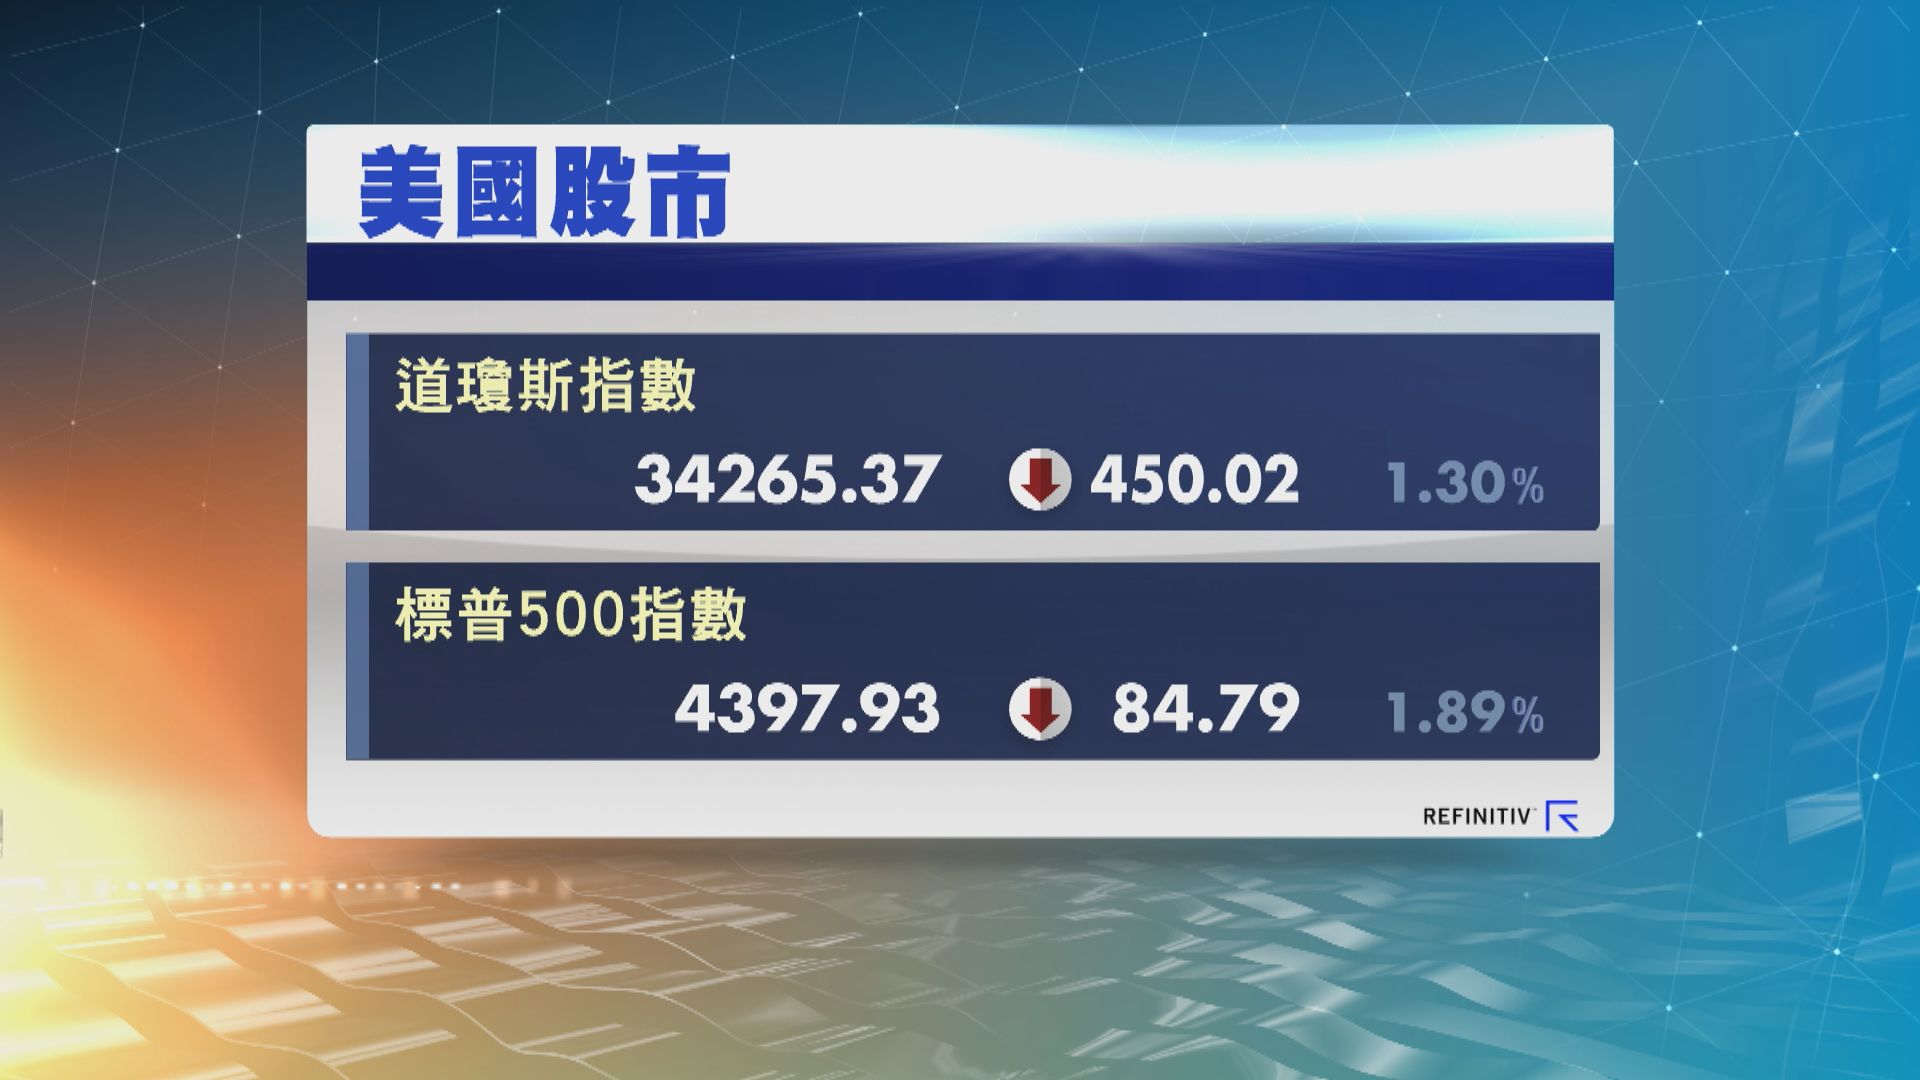 科技股升帶動標指納指創新高 道指則微跌收市